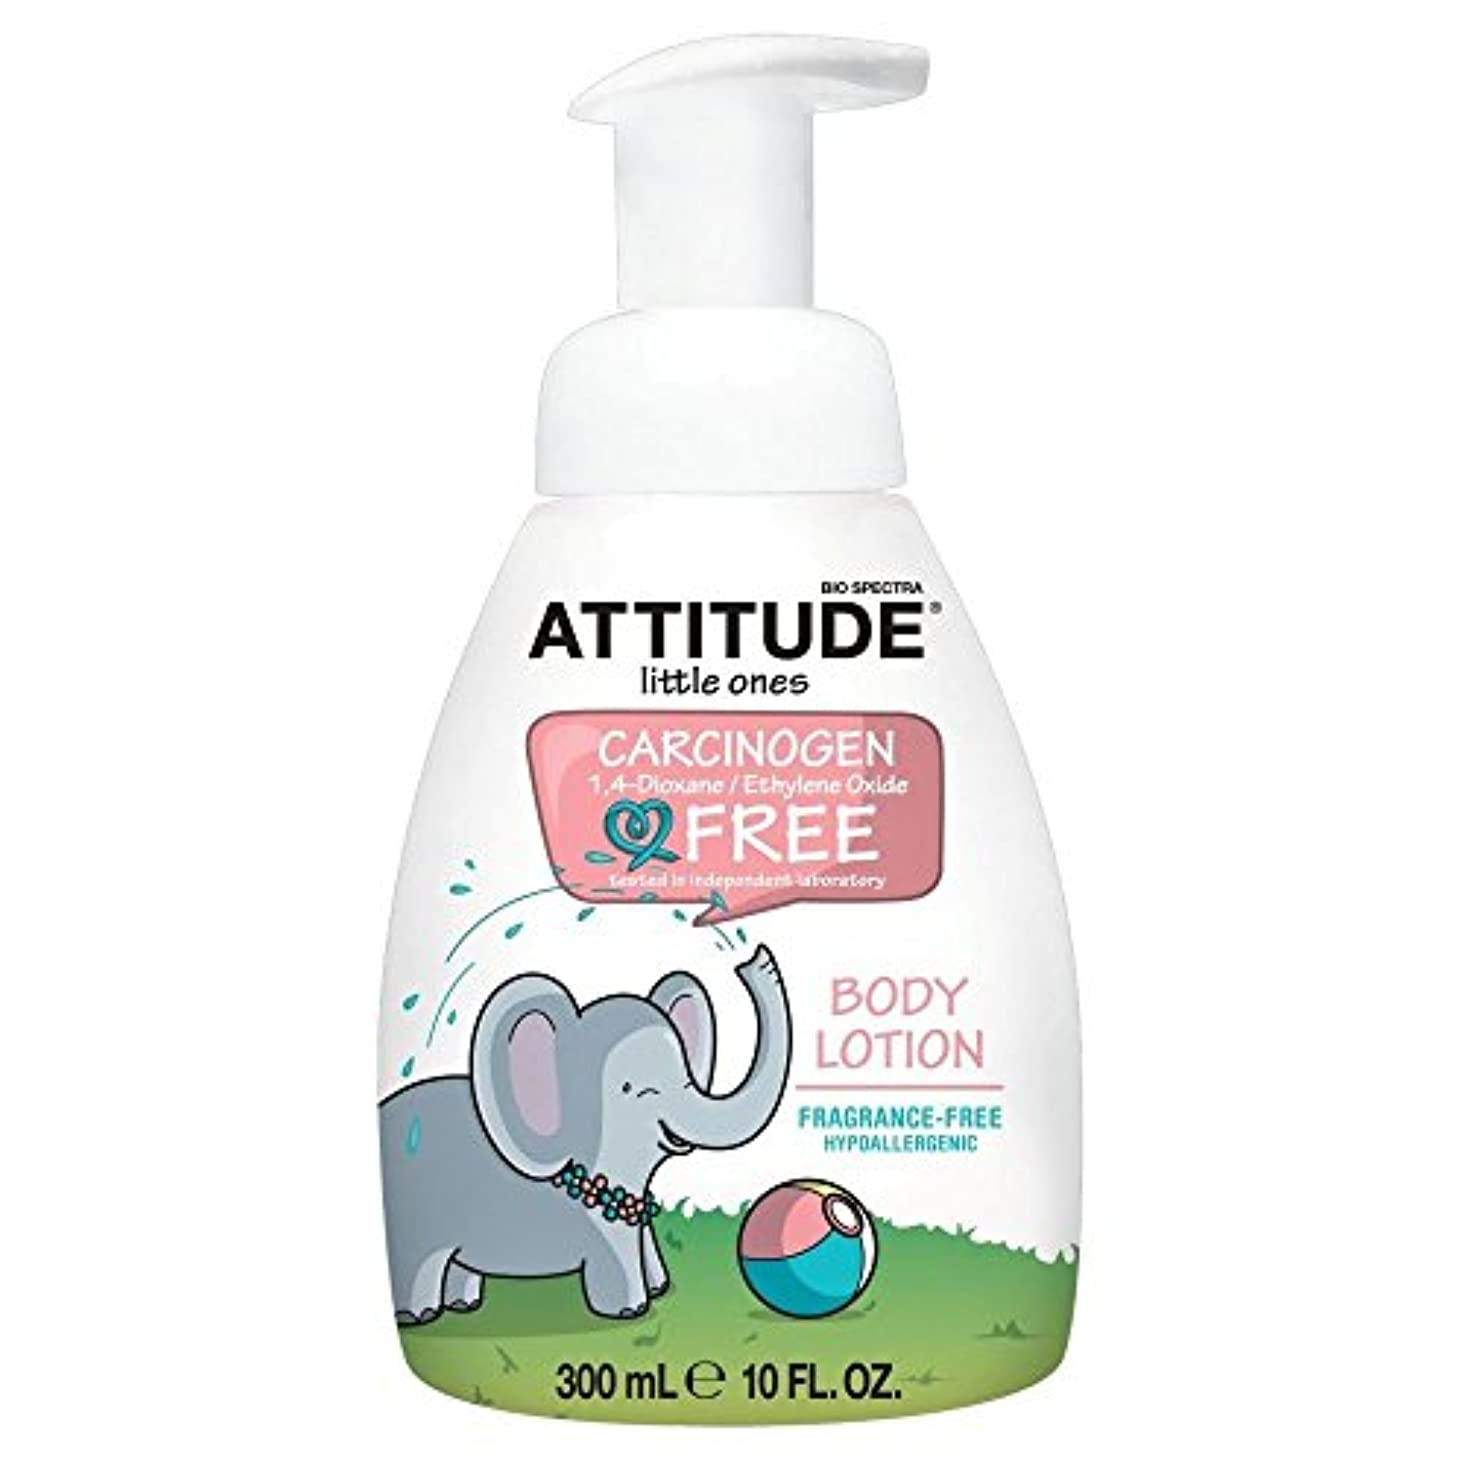 評判増幅するニッケルAttitude Little Ones Body Lotion - Fragrance Free (295ml) 態度の小さなものボディローション - 無香料( 295ミリリットル)